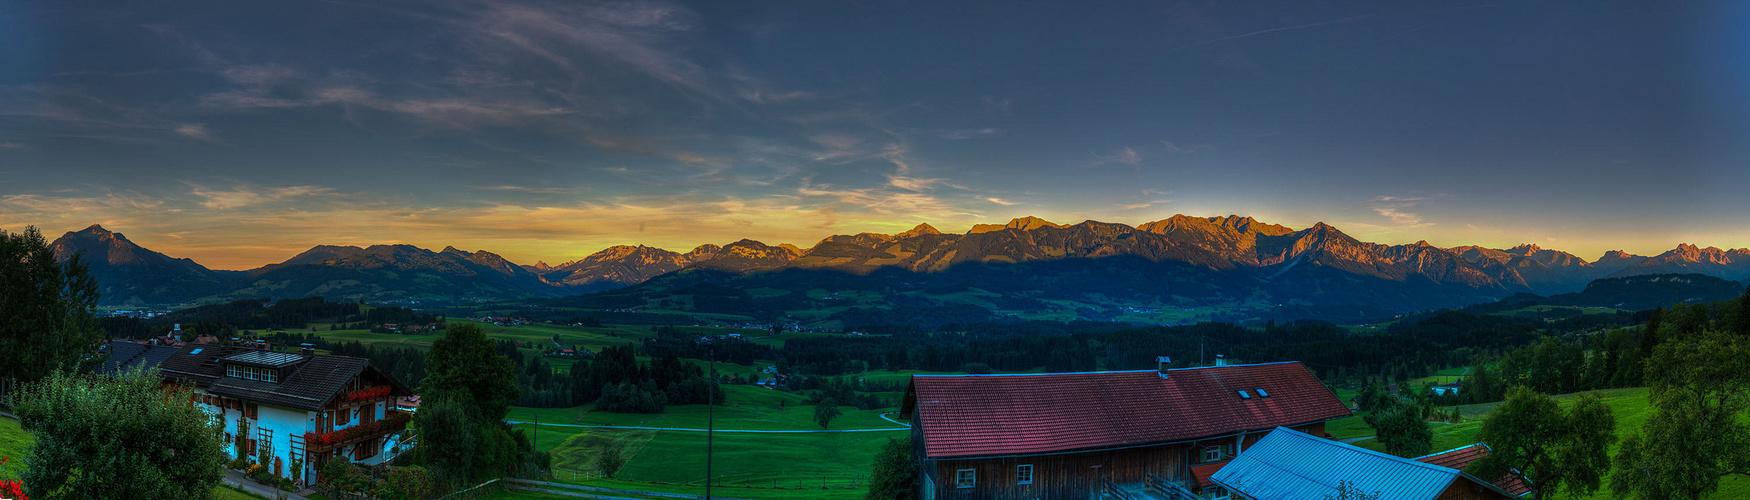 Bayerisches Alpenpanorama am Abend